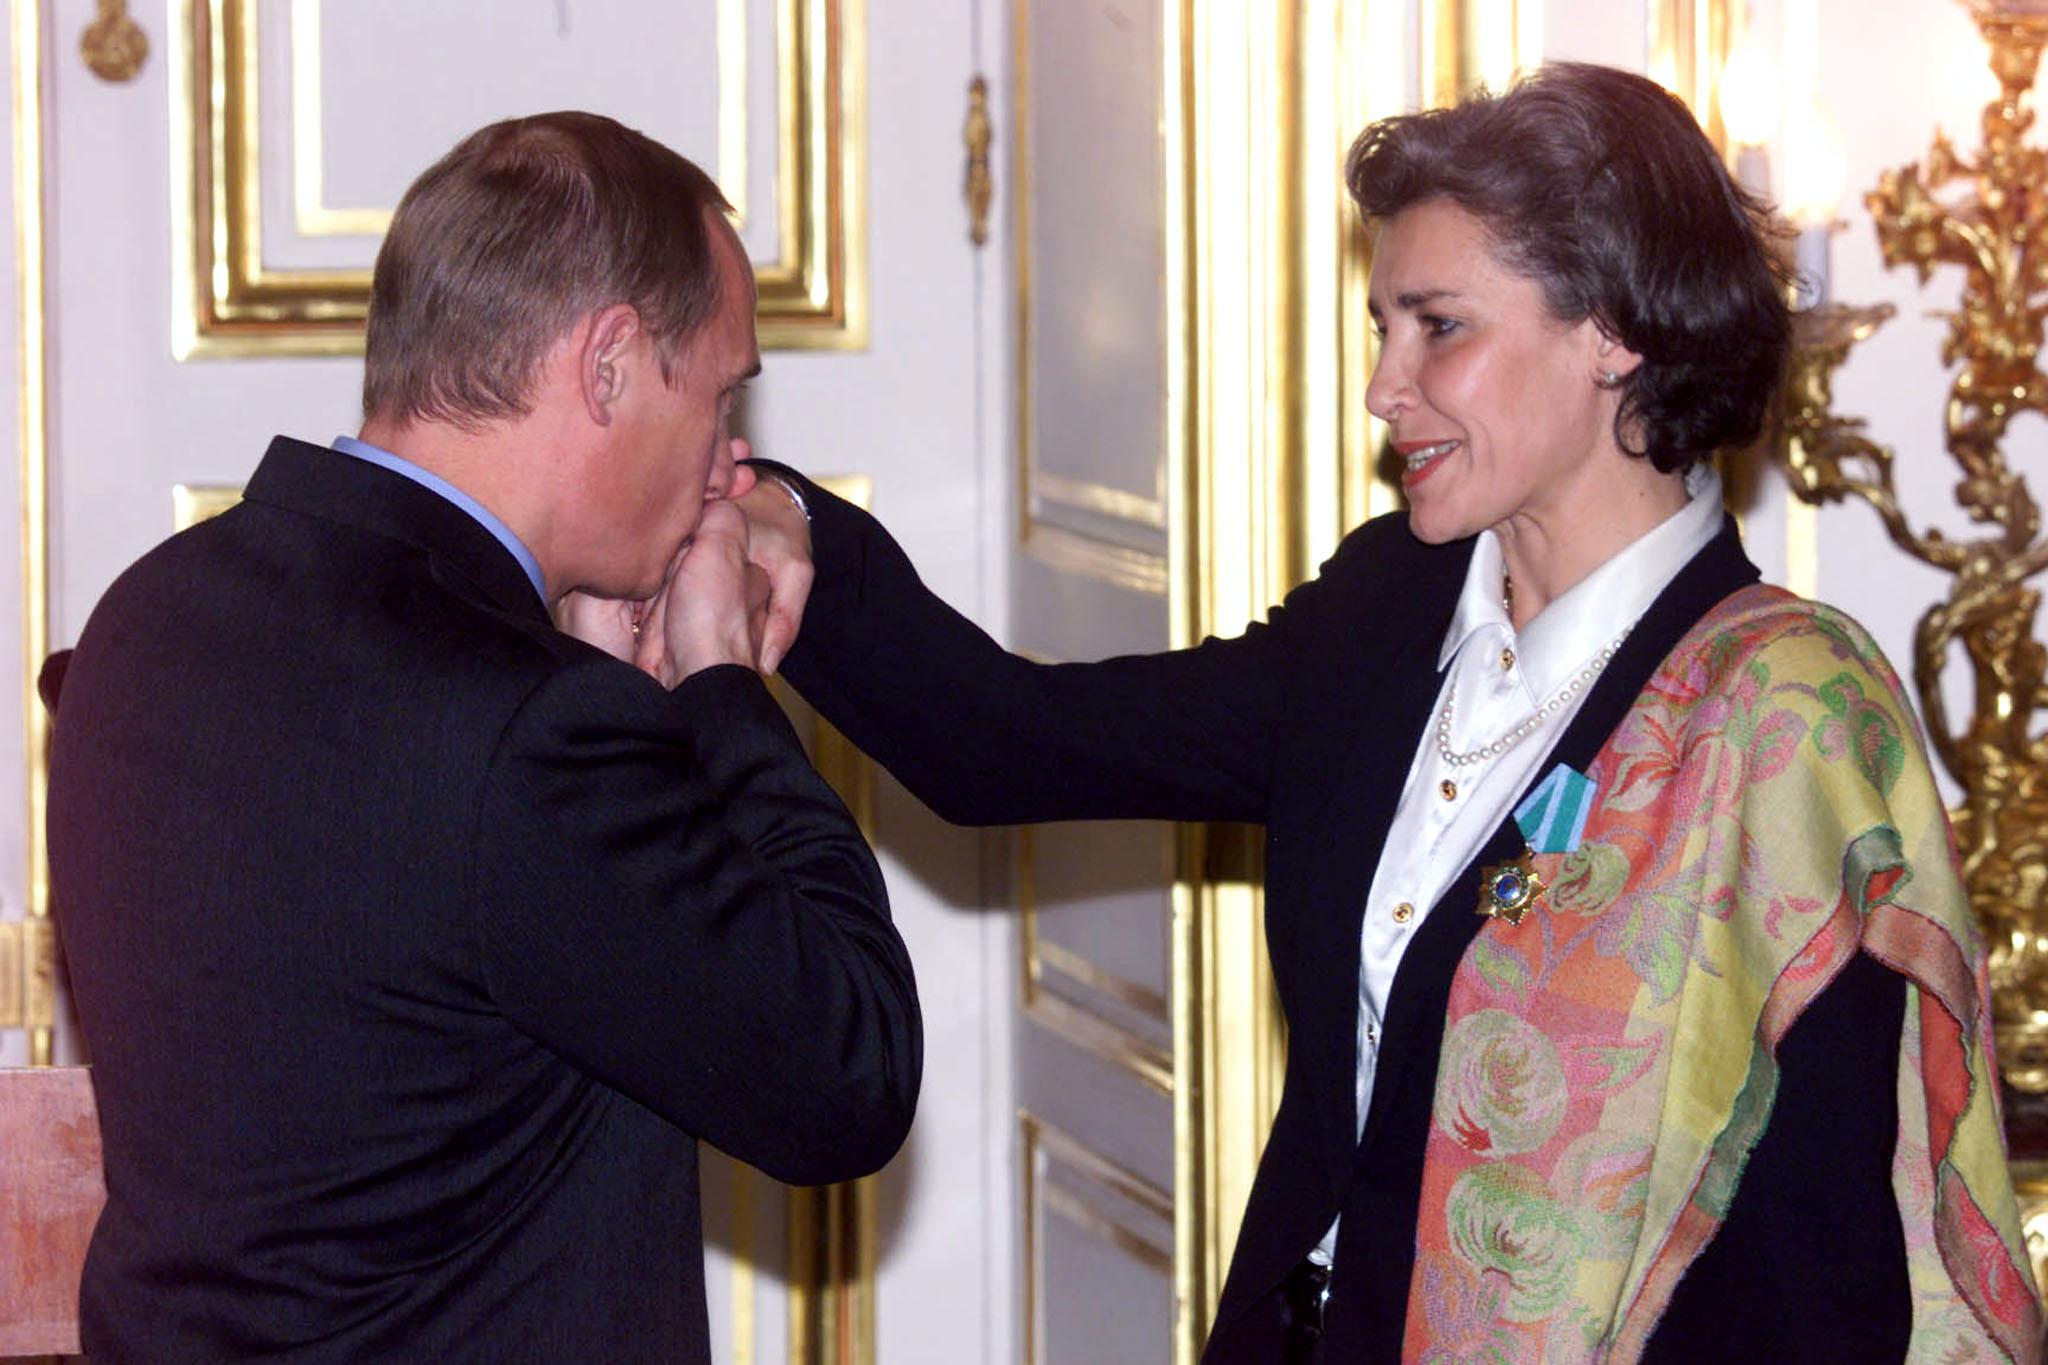 9/10. Путин љуби руку Клоди Ењере (девојачко презиме Андре Дезе), прве Францускиње у свемиру.